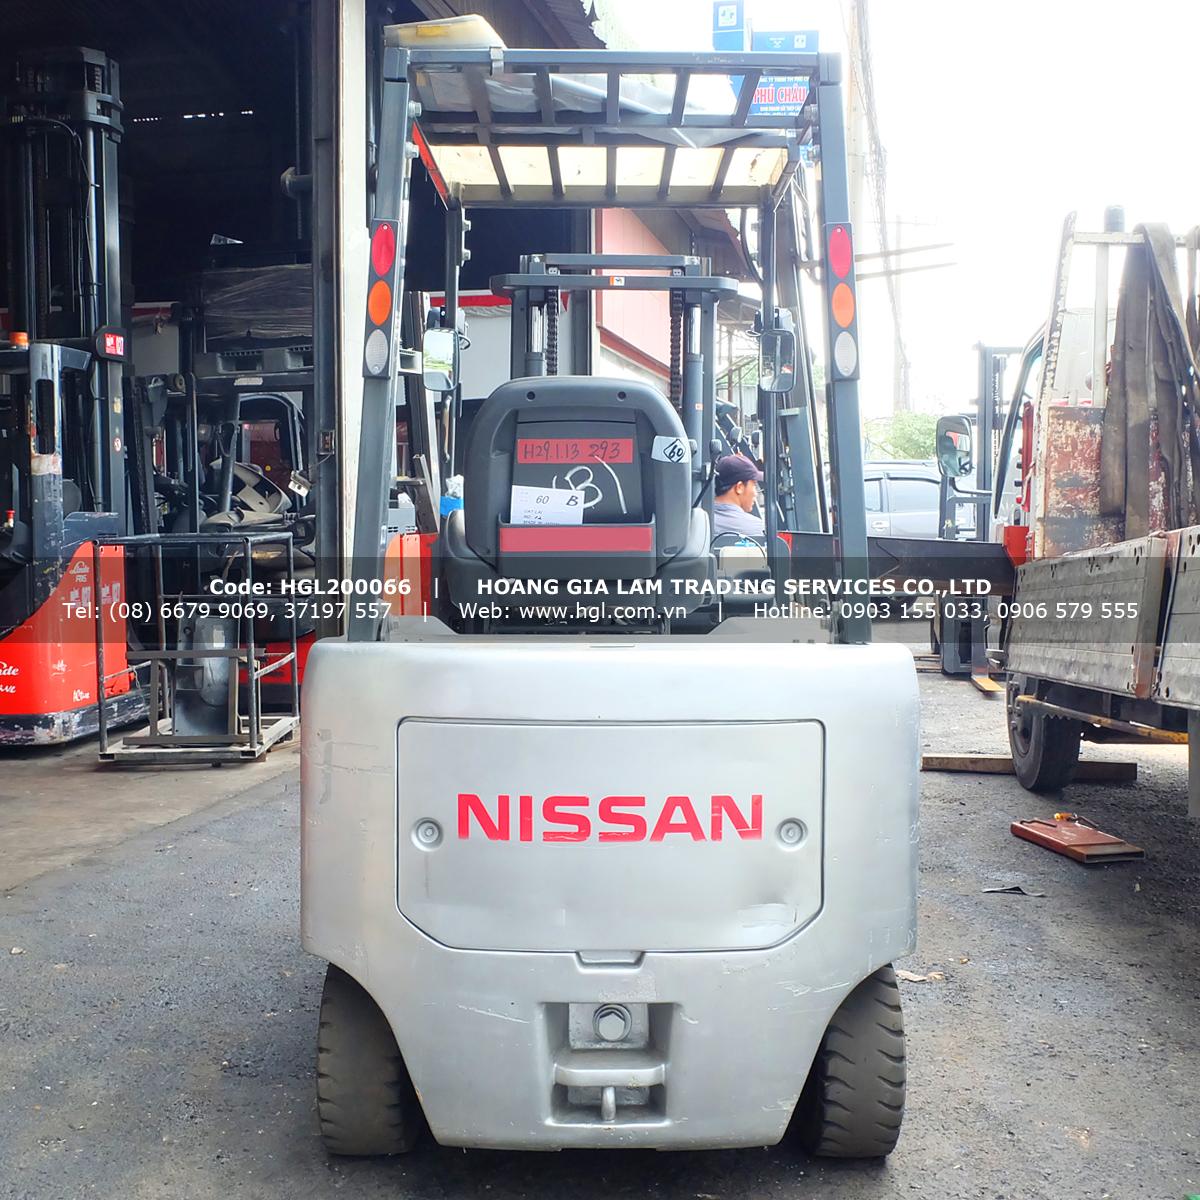 xe-nang-nissan- T1B2L20-66-b5